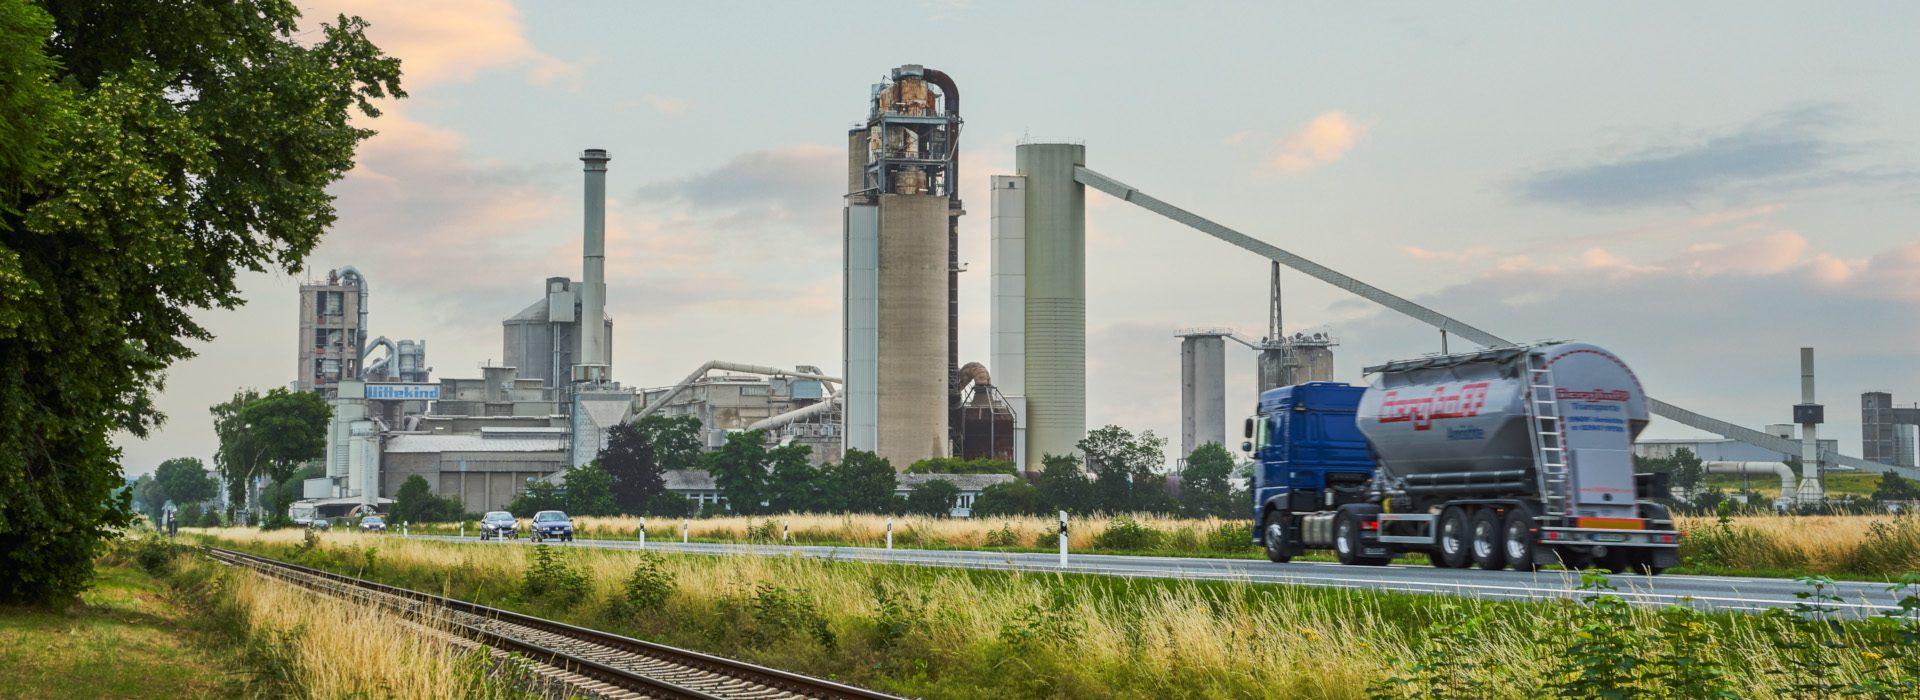 Industriefotografie - Industrial - Corporate